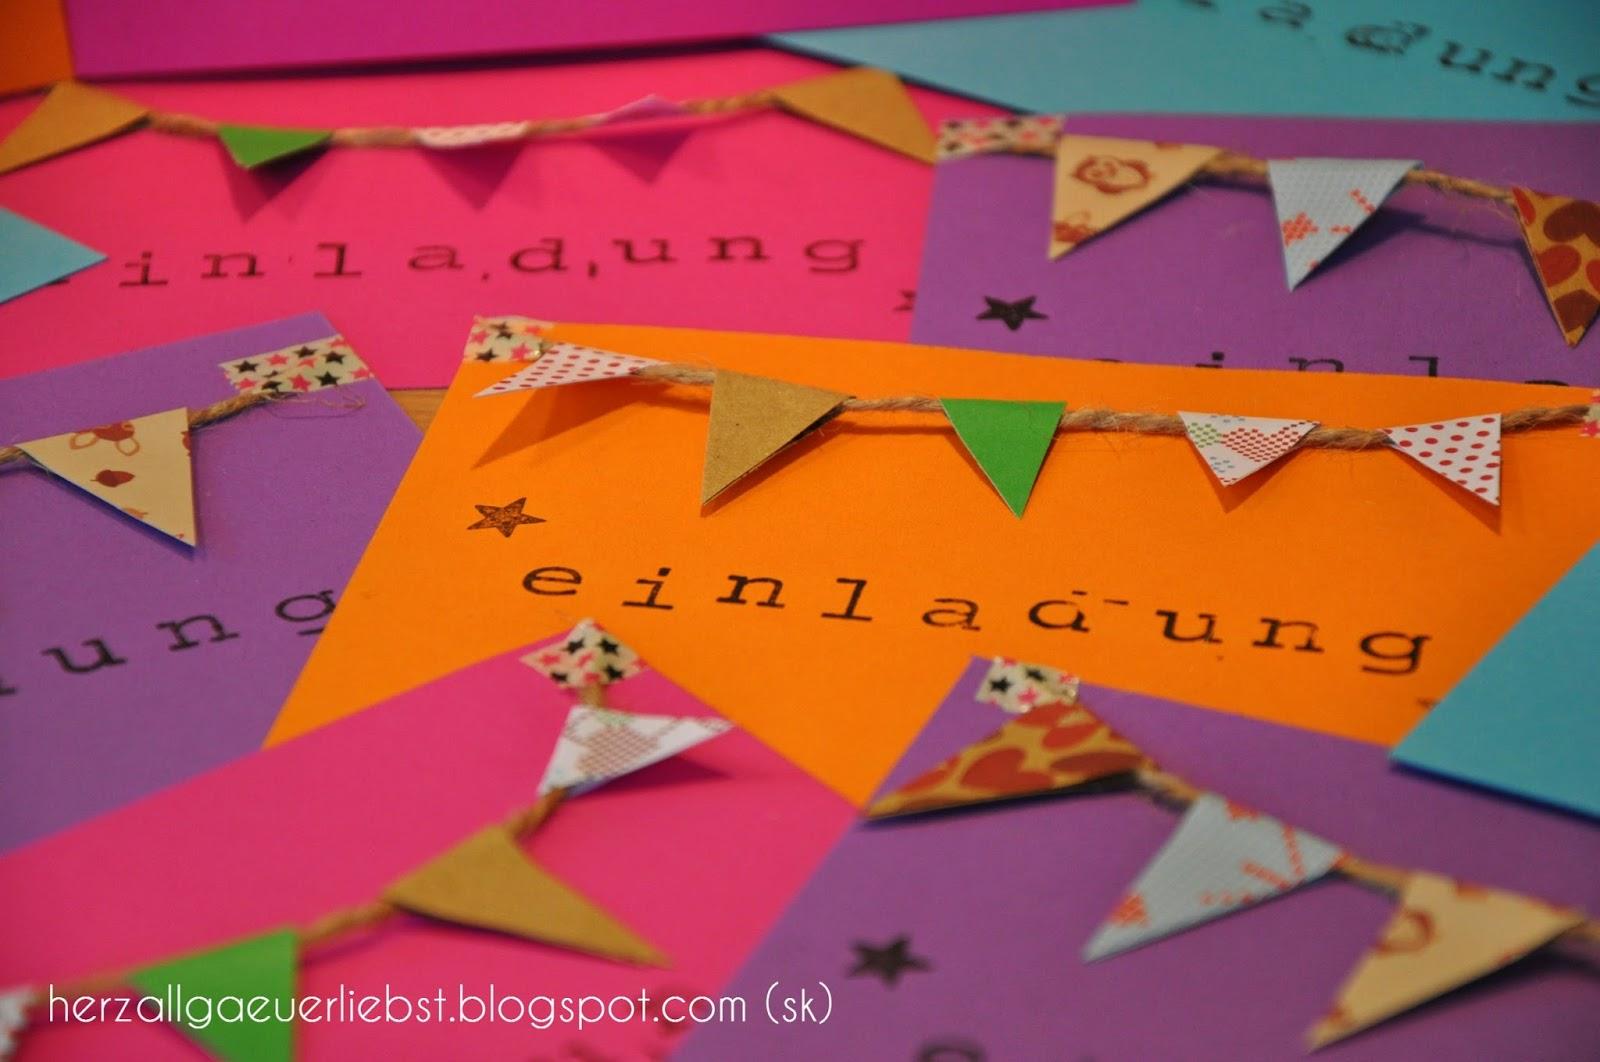 Herzallgauerliebst Einladungskarten Weiberabend Diy Mmi 98